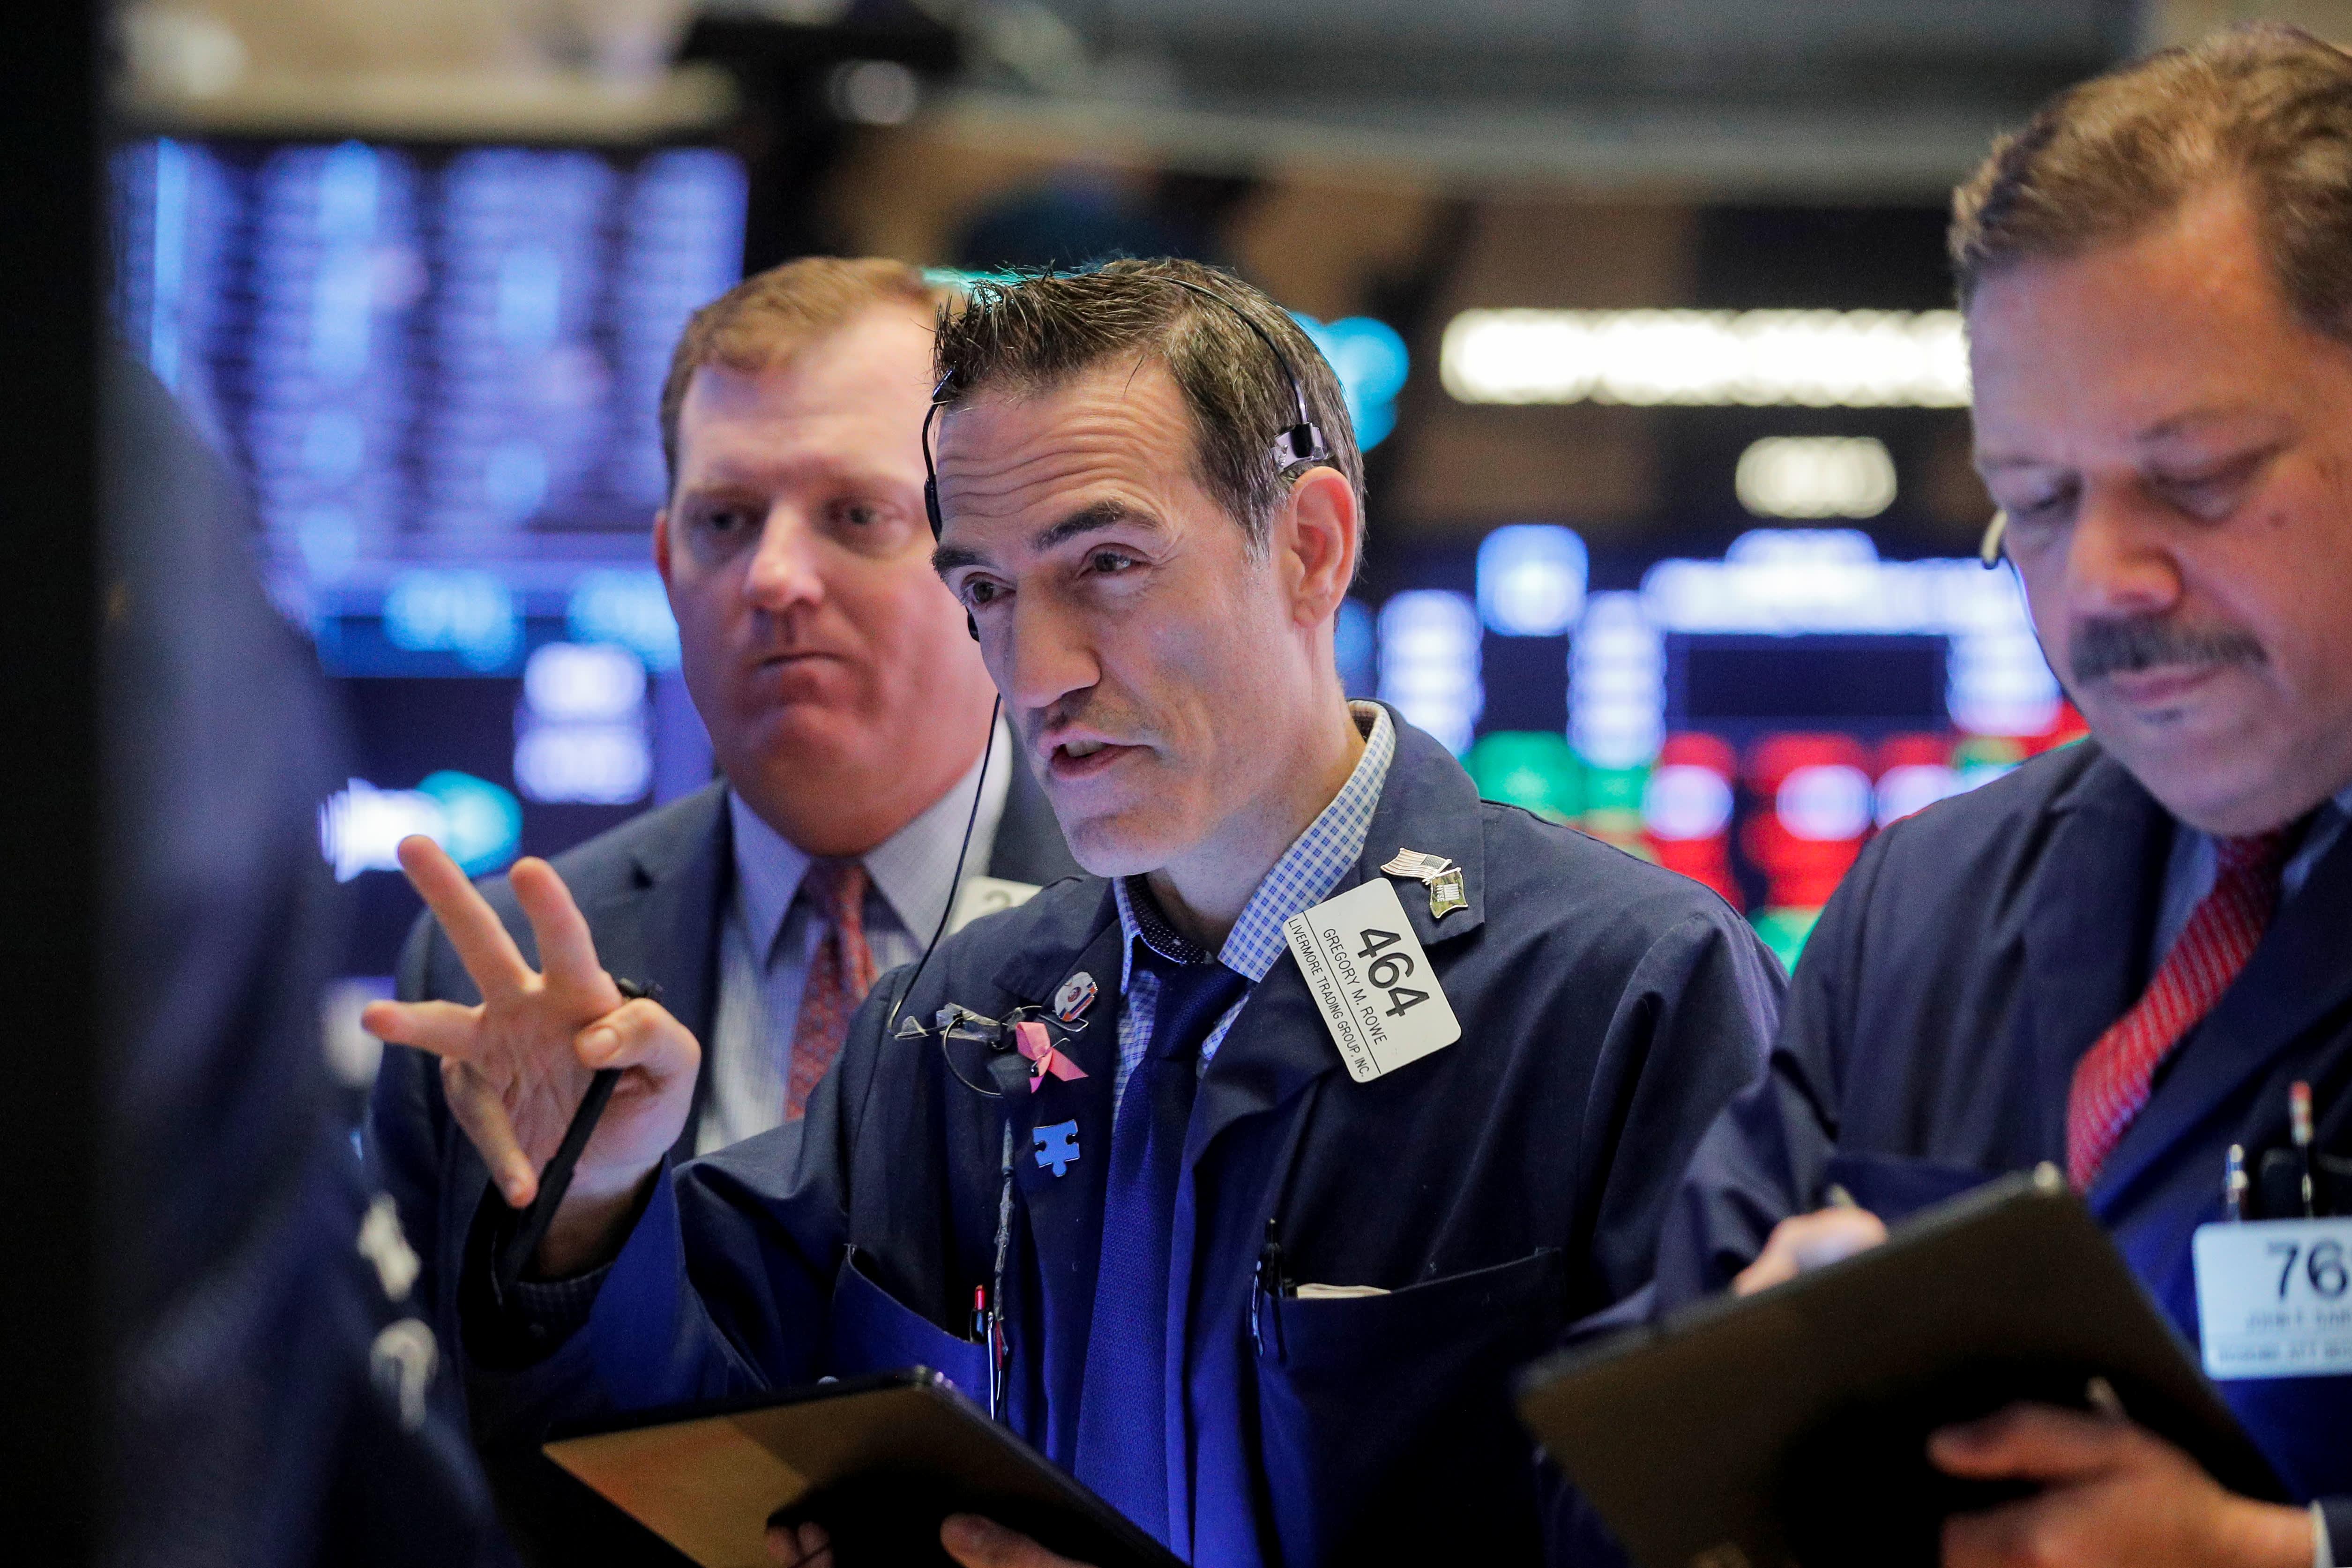 Stocks making the biggest moves premarket: J&J, Moderna, Netflix, Boeing, IBM, Xerox & more